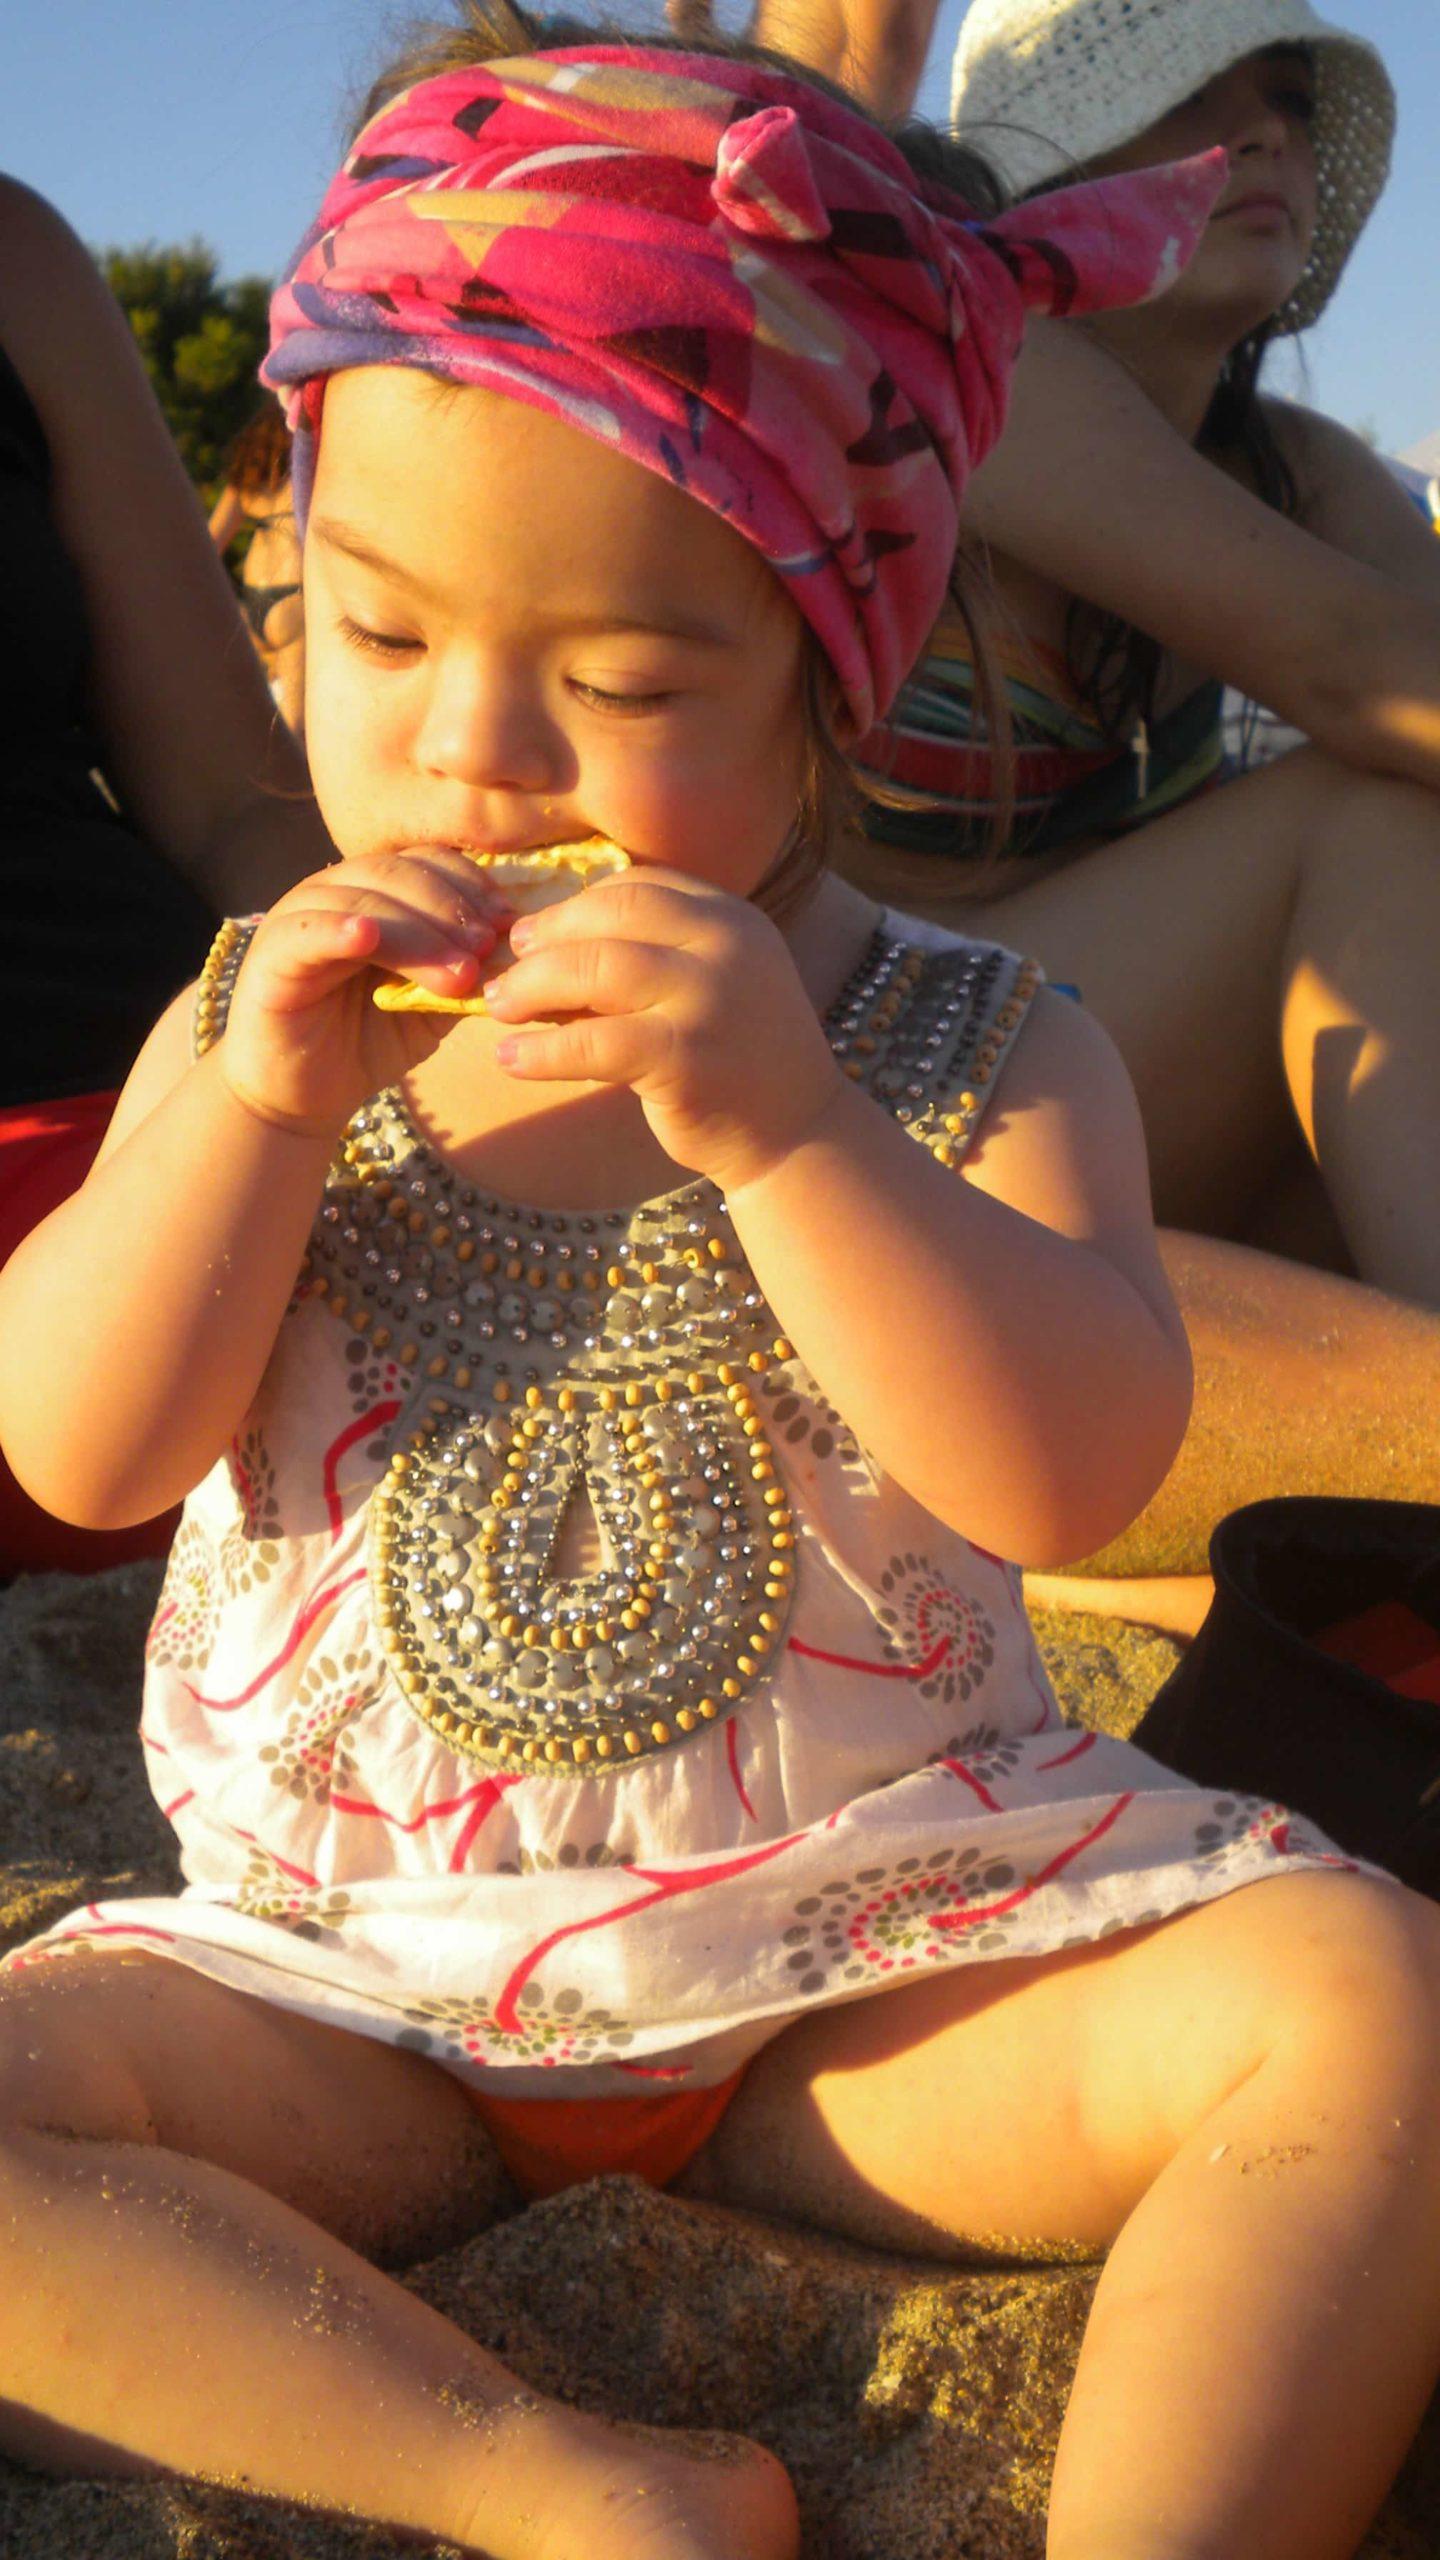 なにかを食べるダウン症の女の子